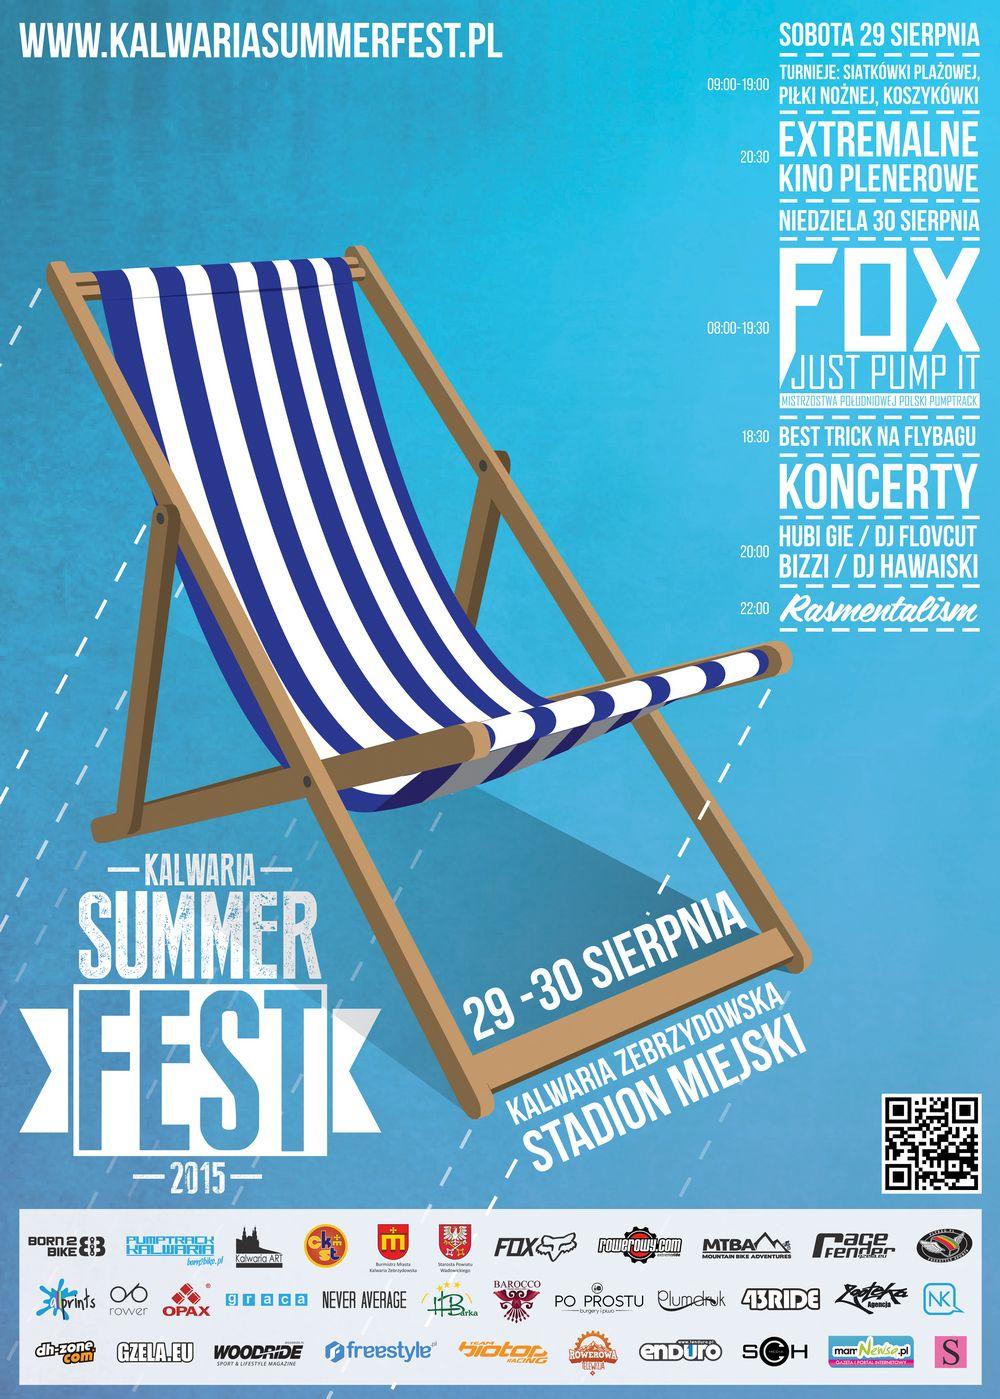 Kalwaria Summer Fest 2015